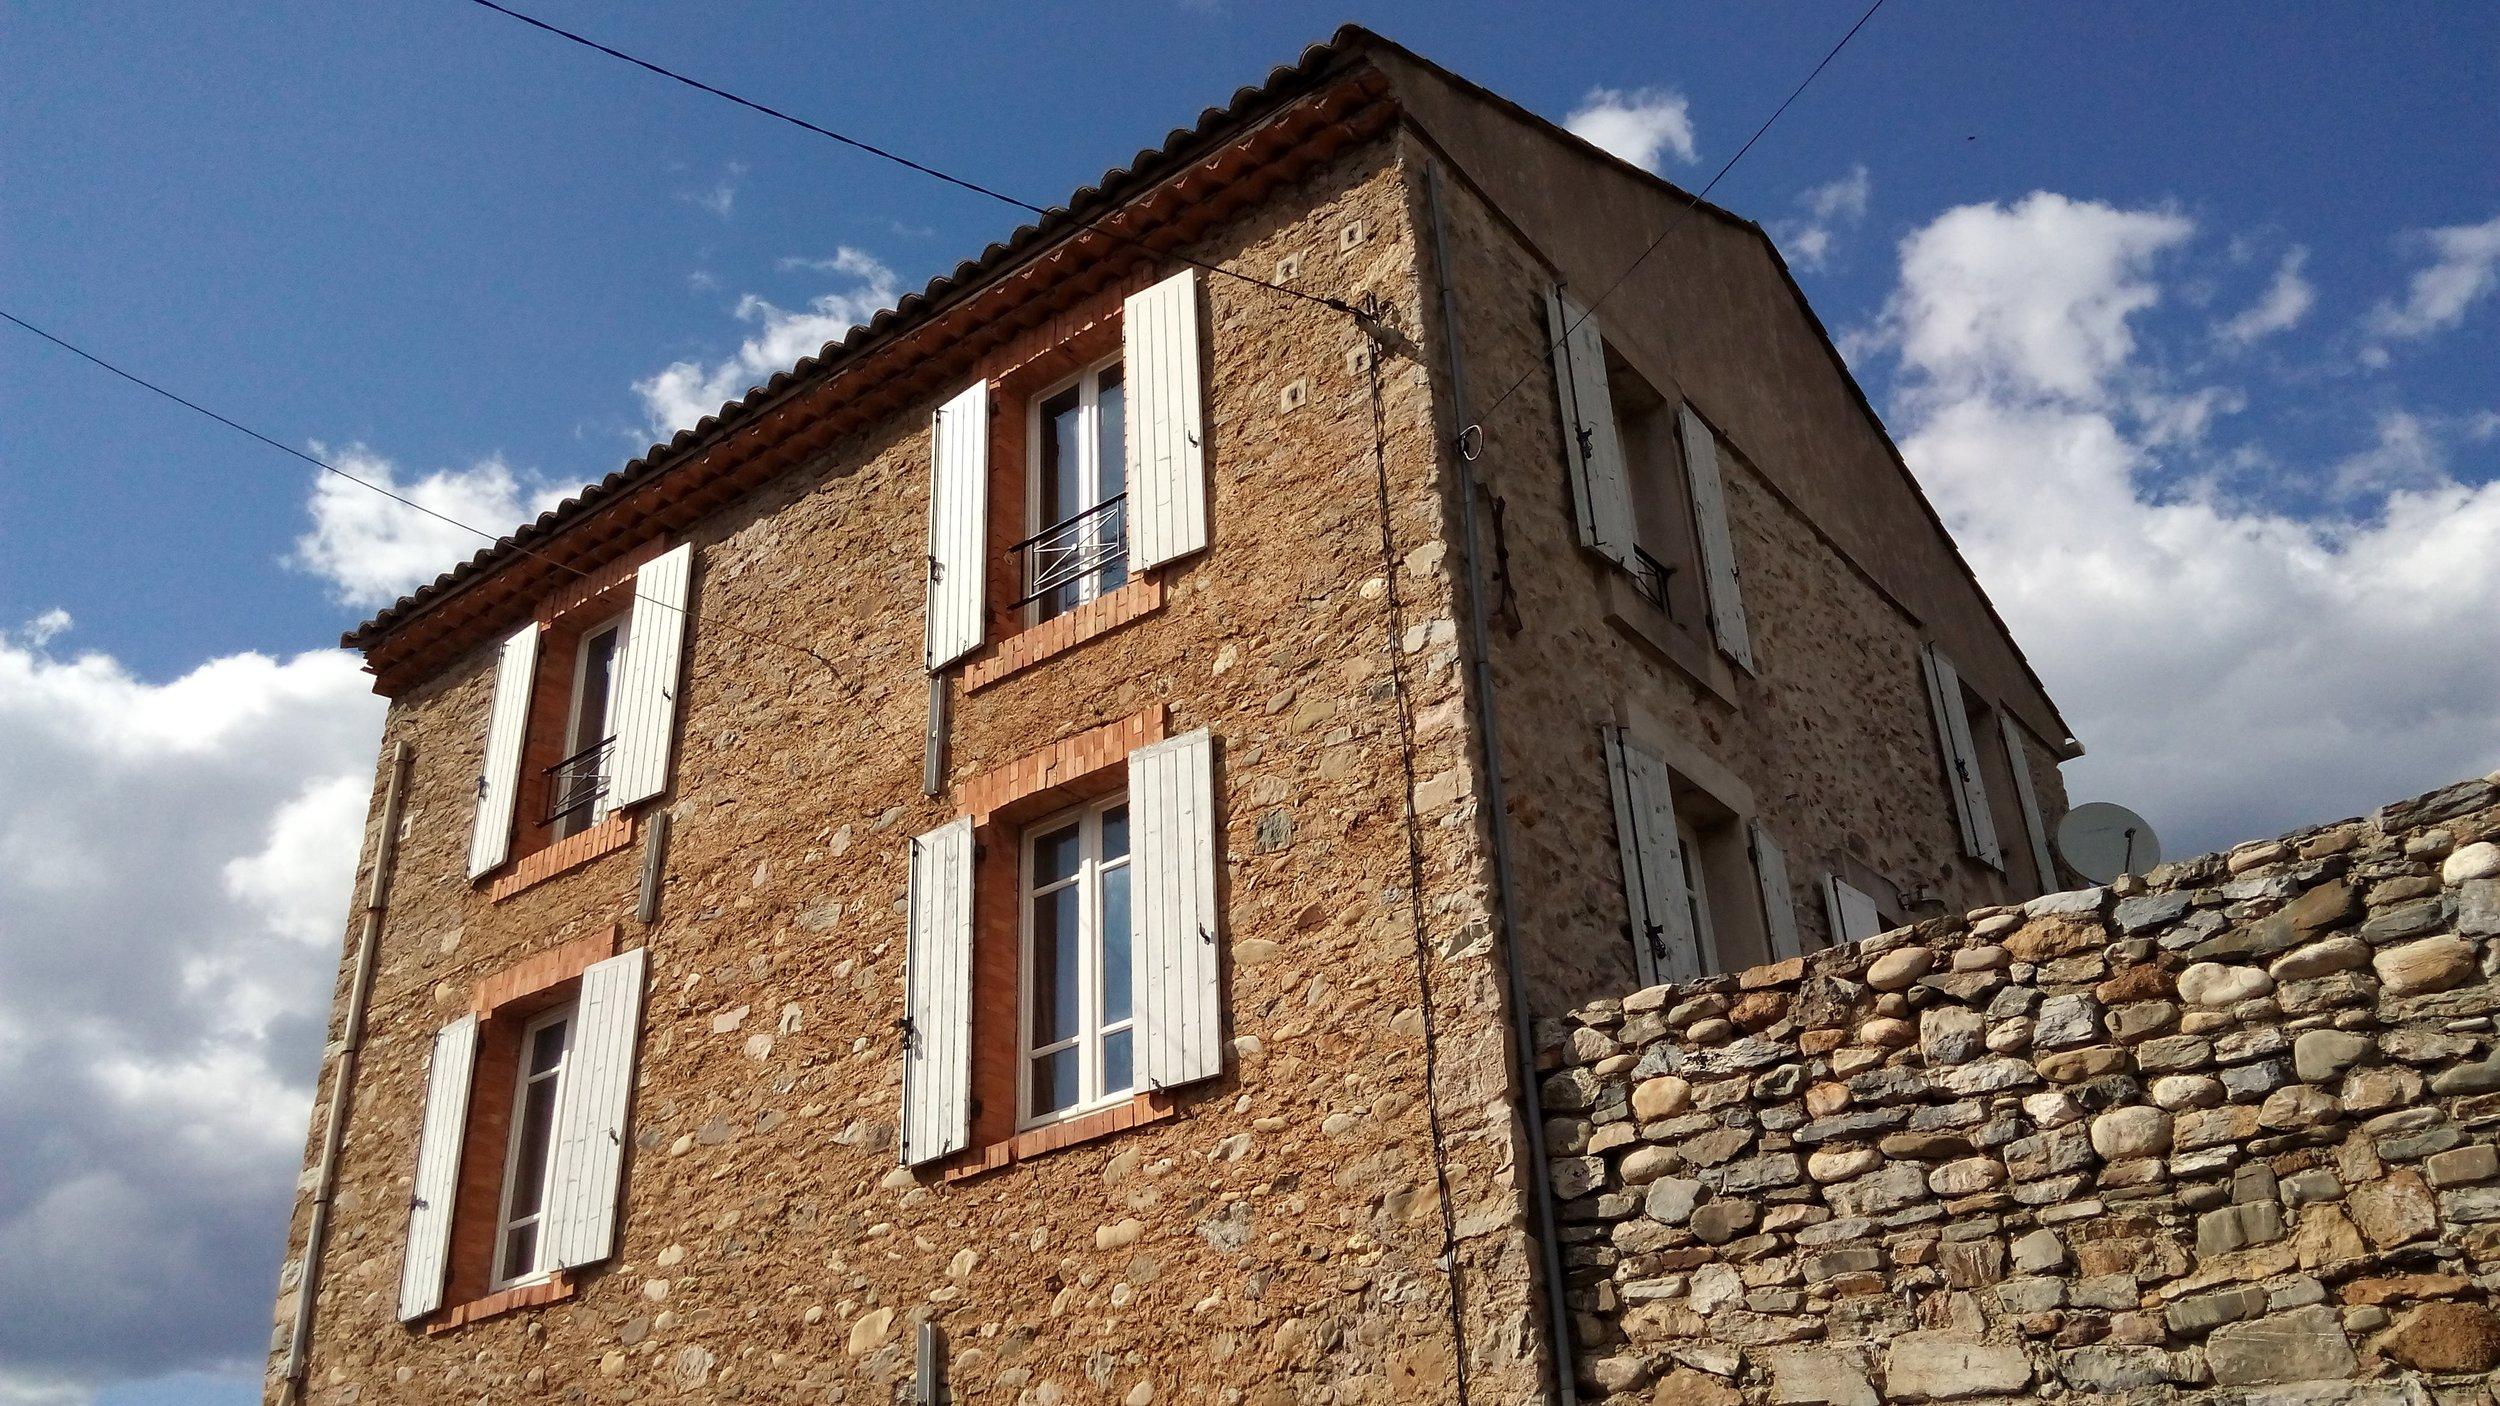 Street view of Le Haut Maison